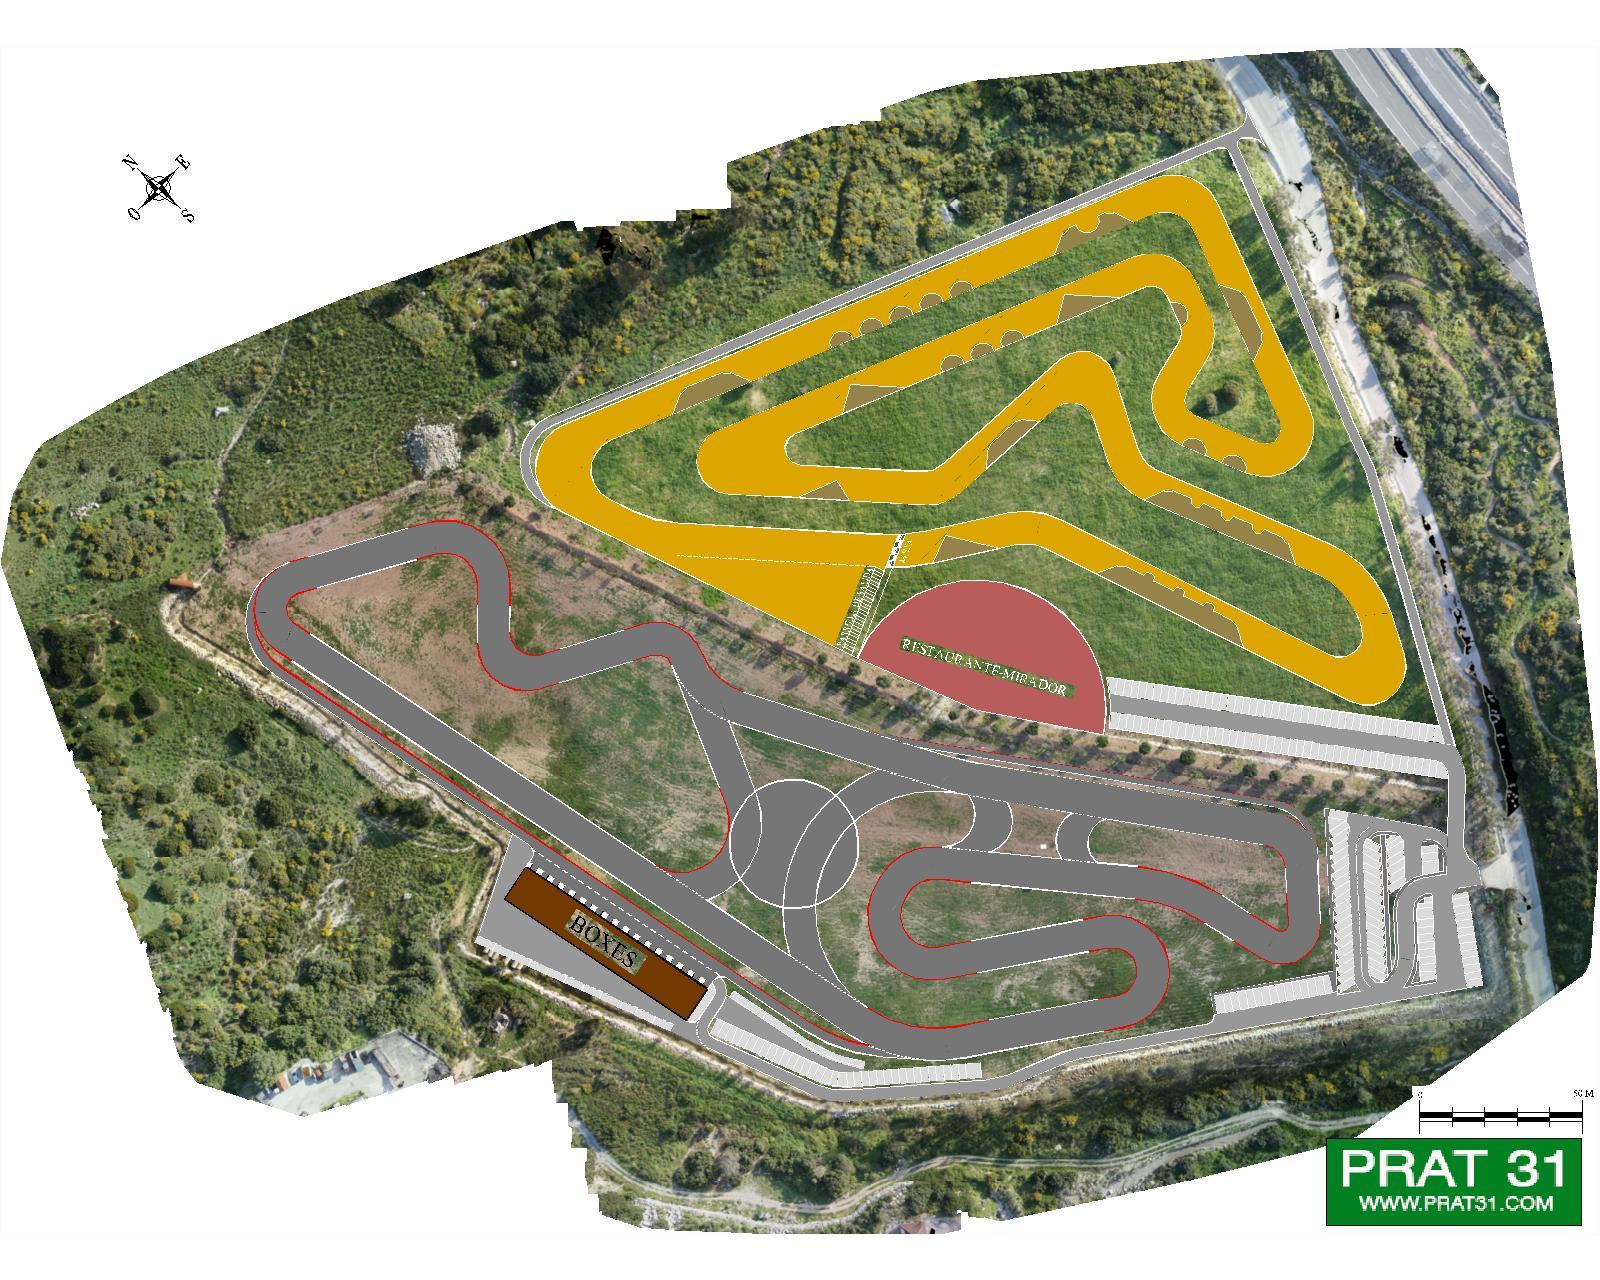 Circuito Karts : Circuitos de motocross y karts en casares prat